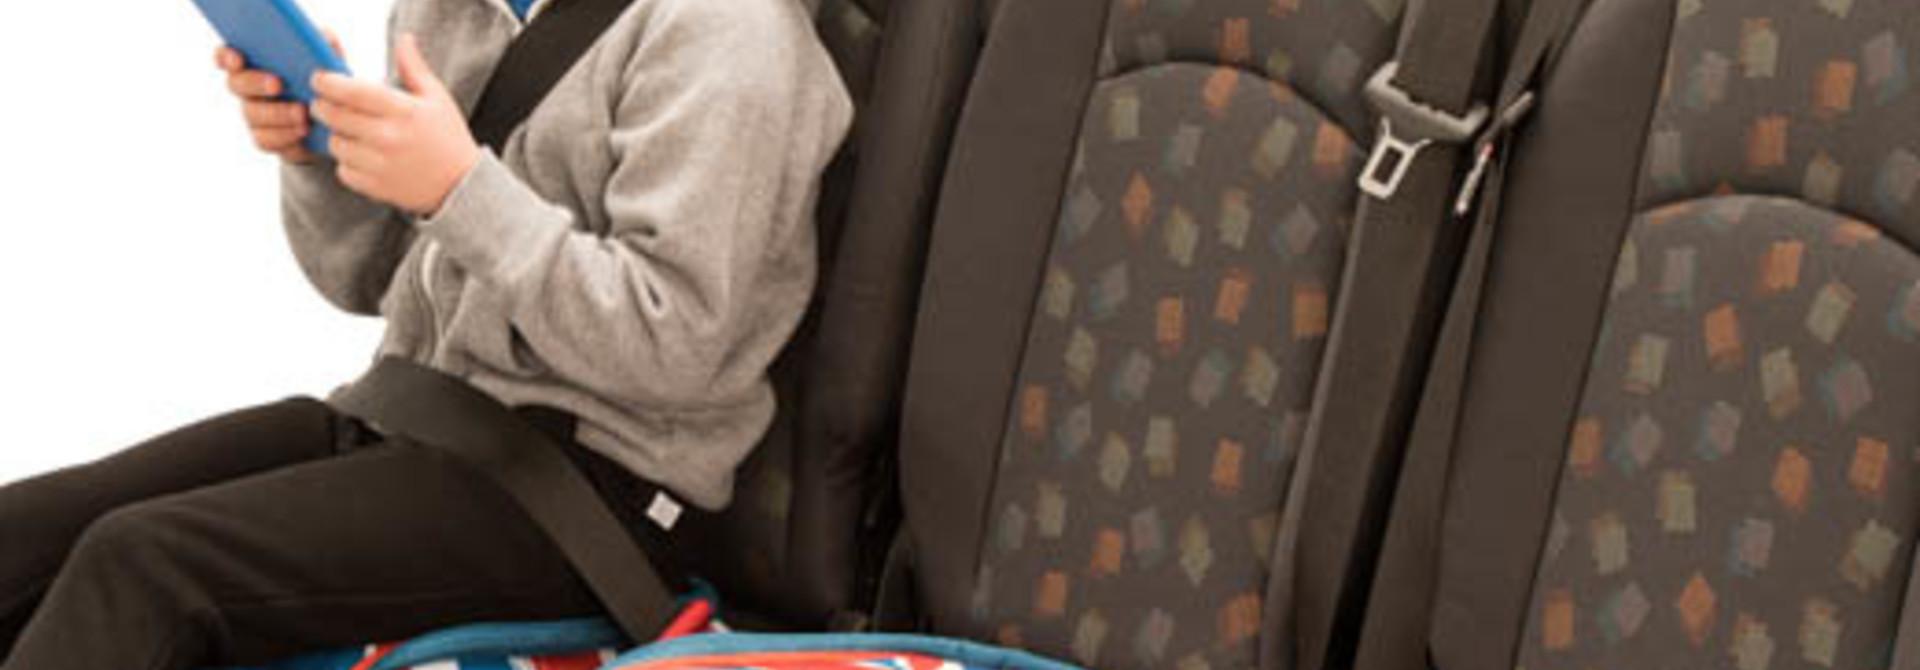 Fijne jeugdherinneringen beginnen met veilige ritjes   BubbleBum NL